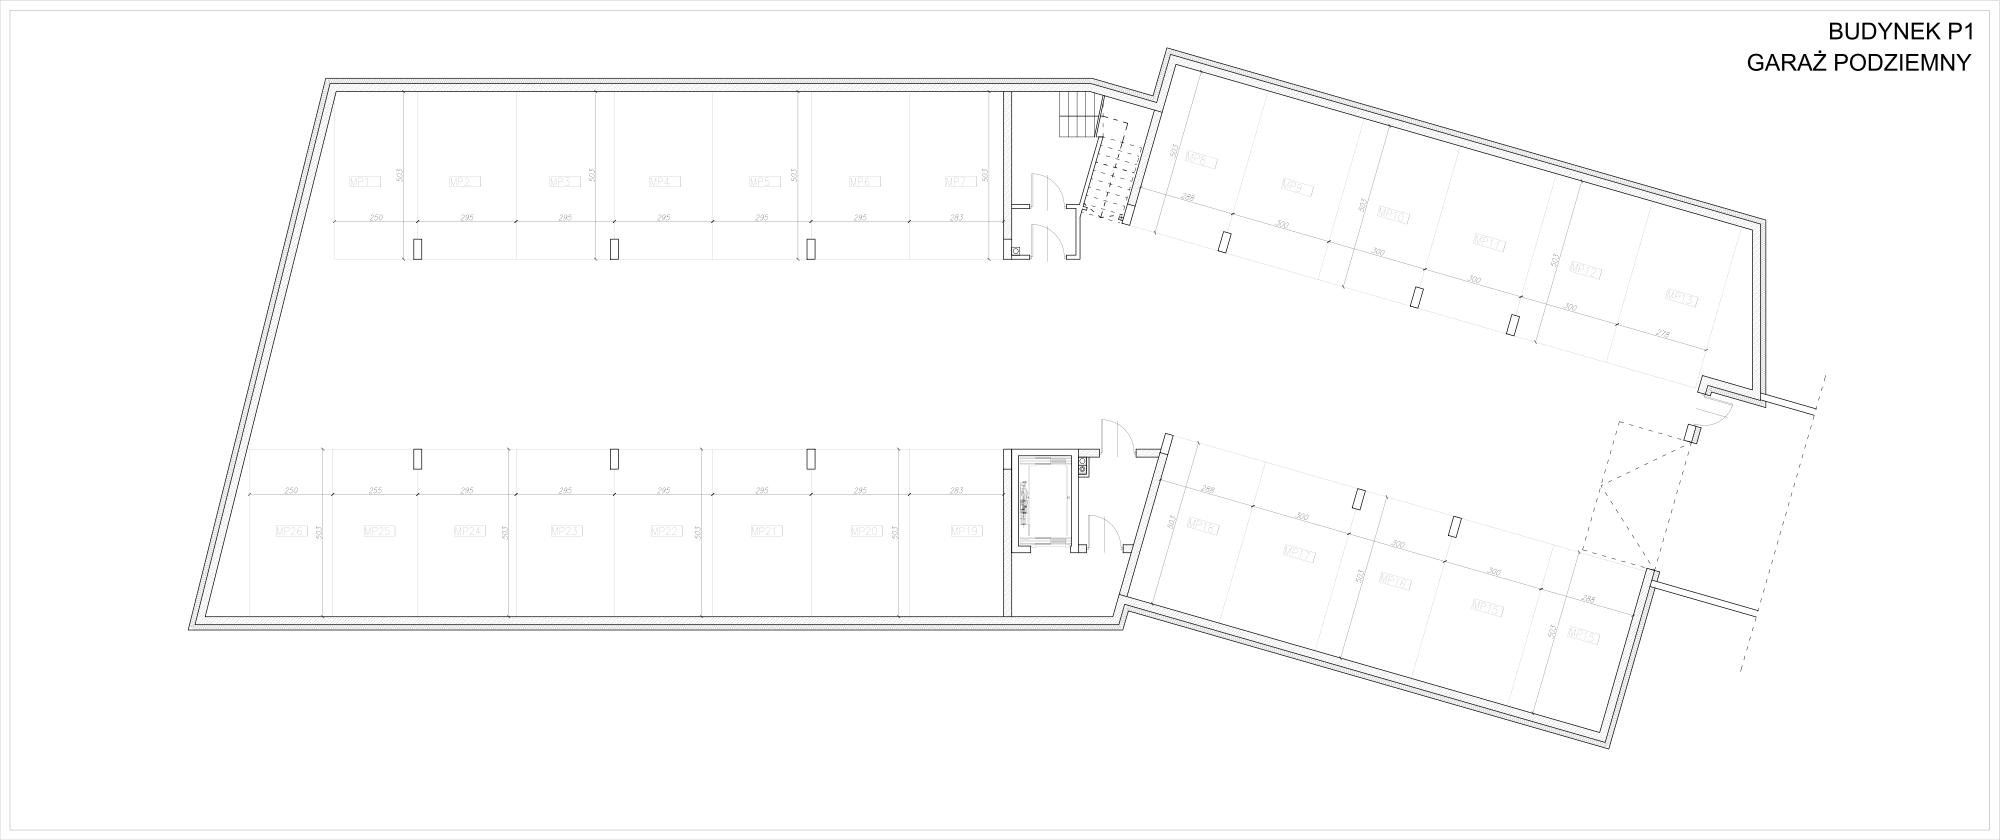 Kamieńskiego II - Budynek P1 - Garaż Podziemny